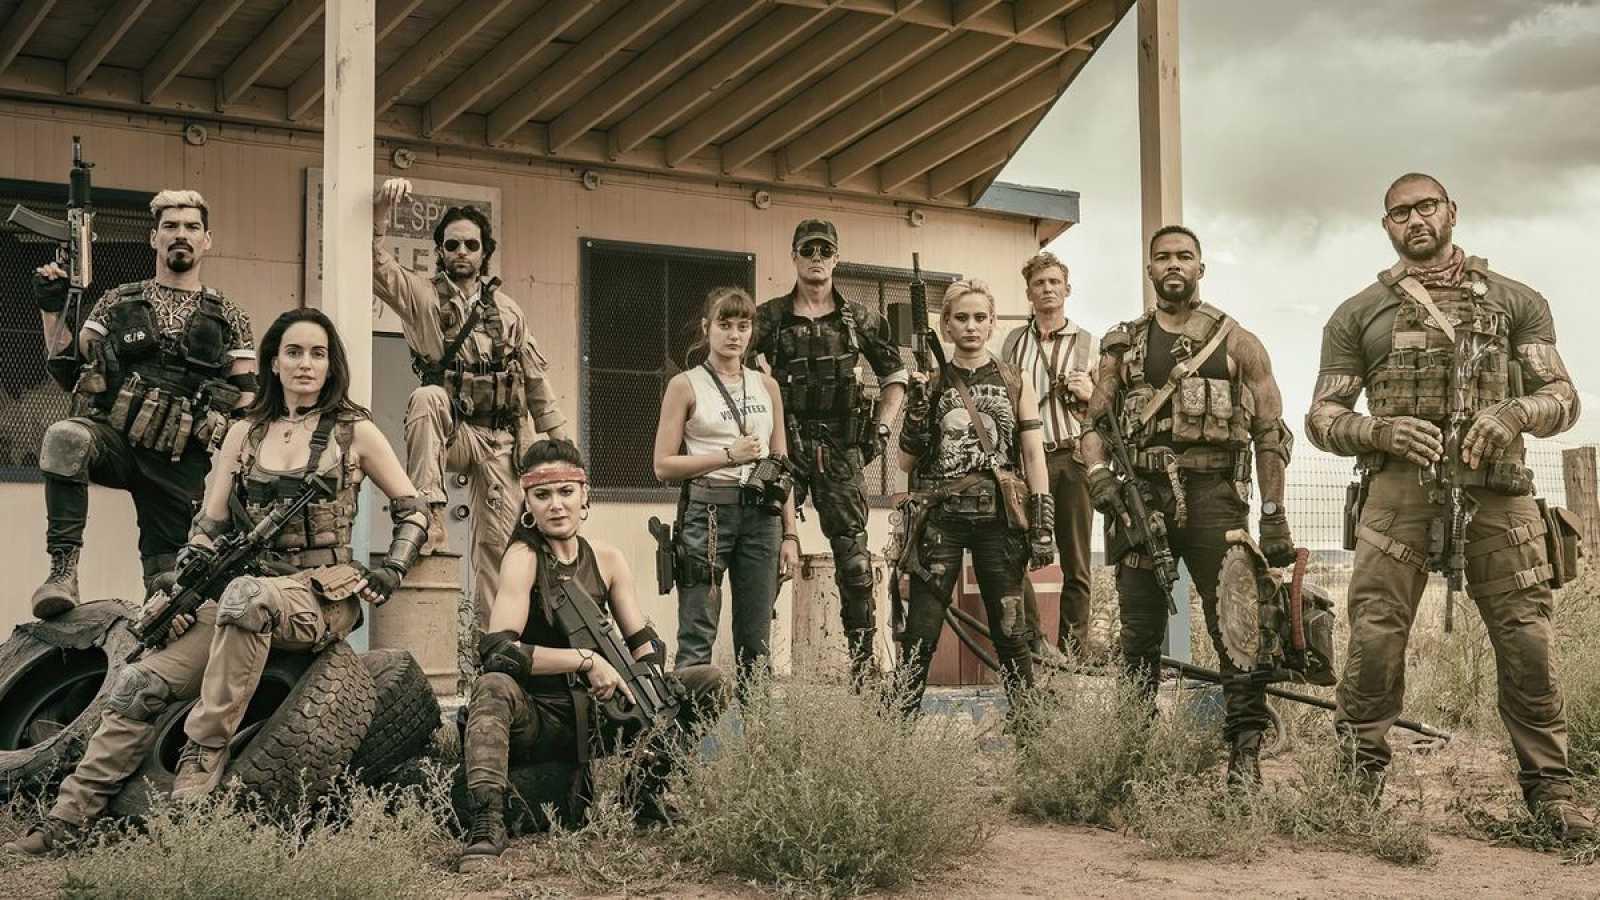 Días de cine - 'Ejército de los muertos'